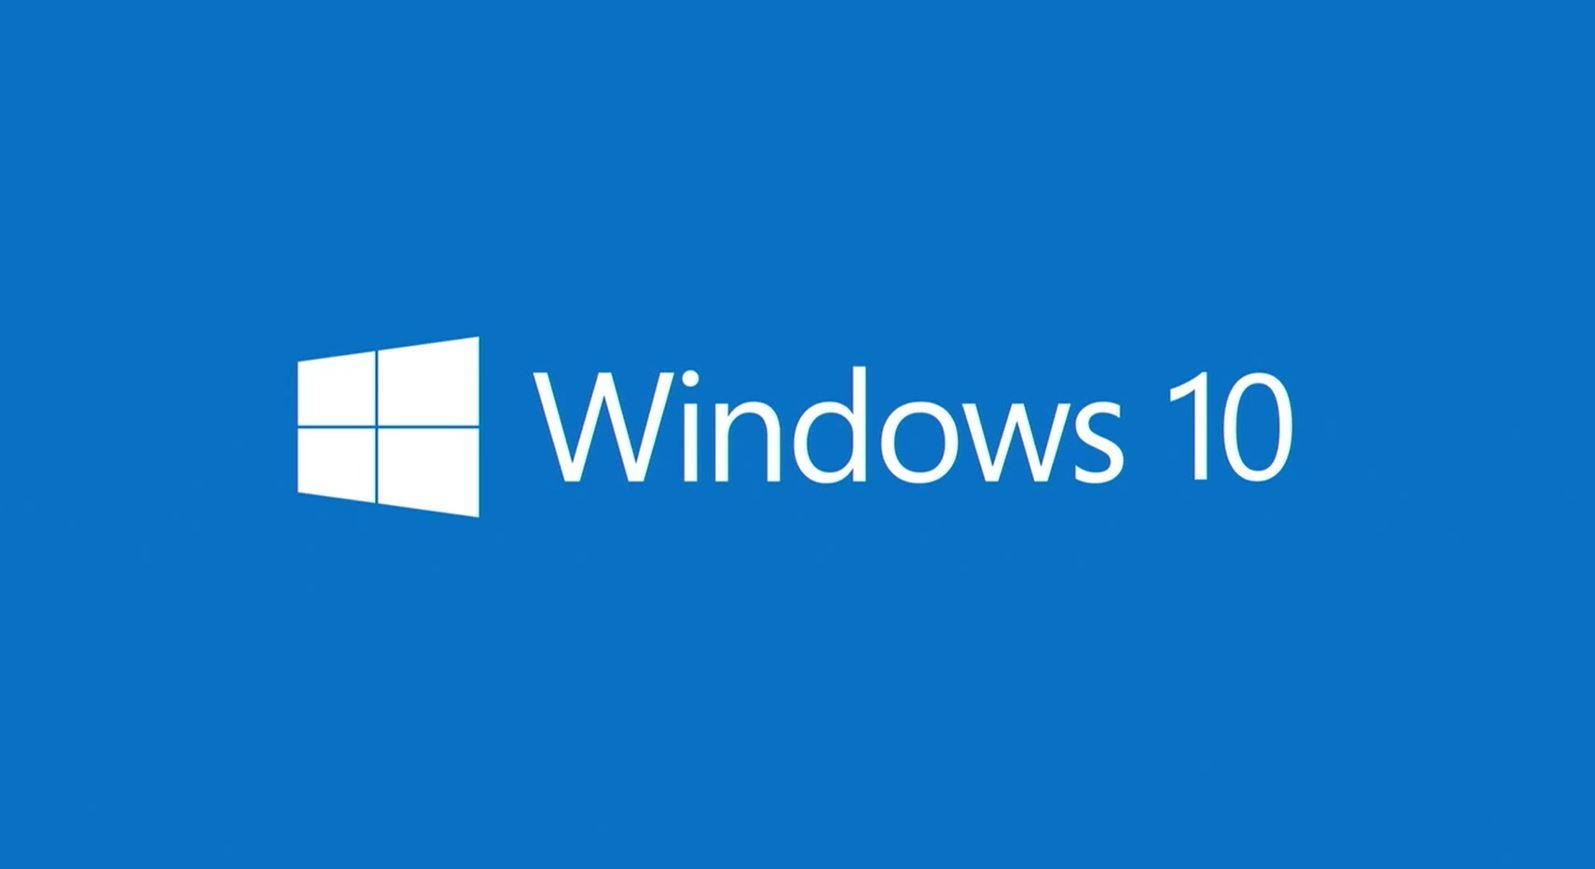 Win10 8月更新闯大祸,系统频繁报错重启!网友:微软日常操作